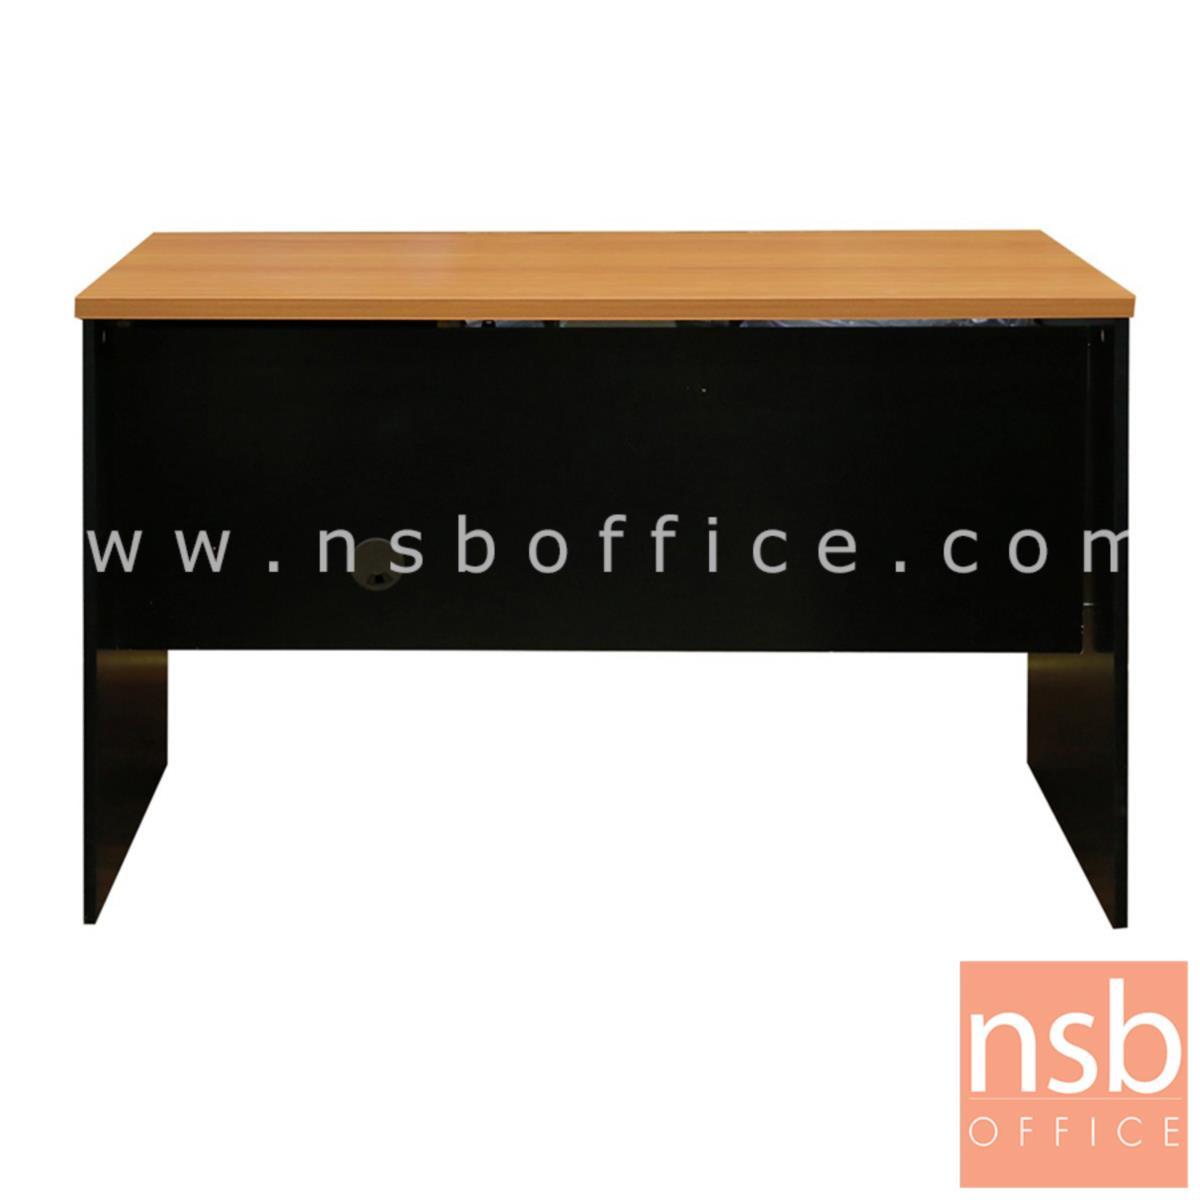 โต๊ะคอมพิวเตอร์ 2 ลิ้นชัก รุ่น Gina (จินา) ขนาด 120W cm.